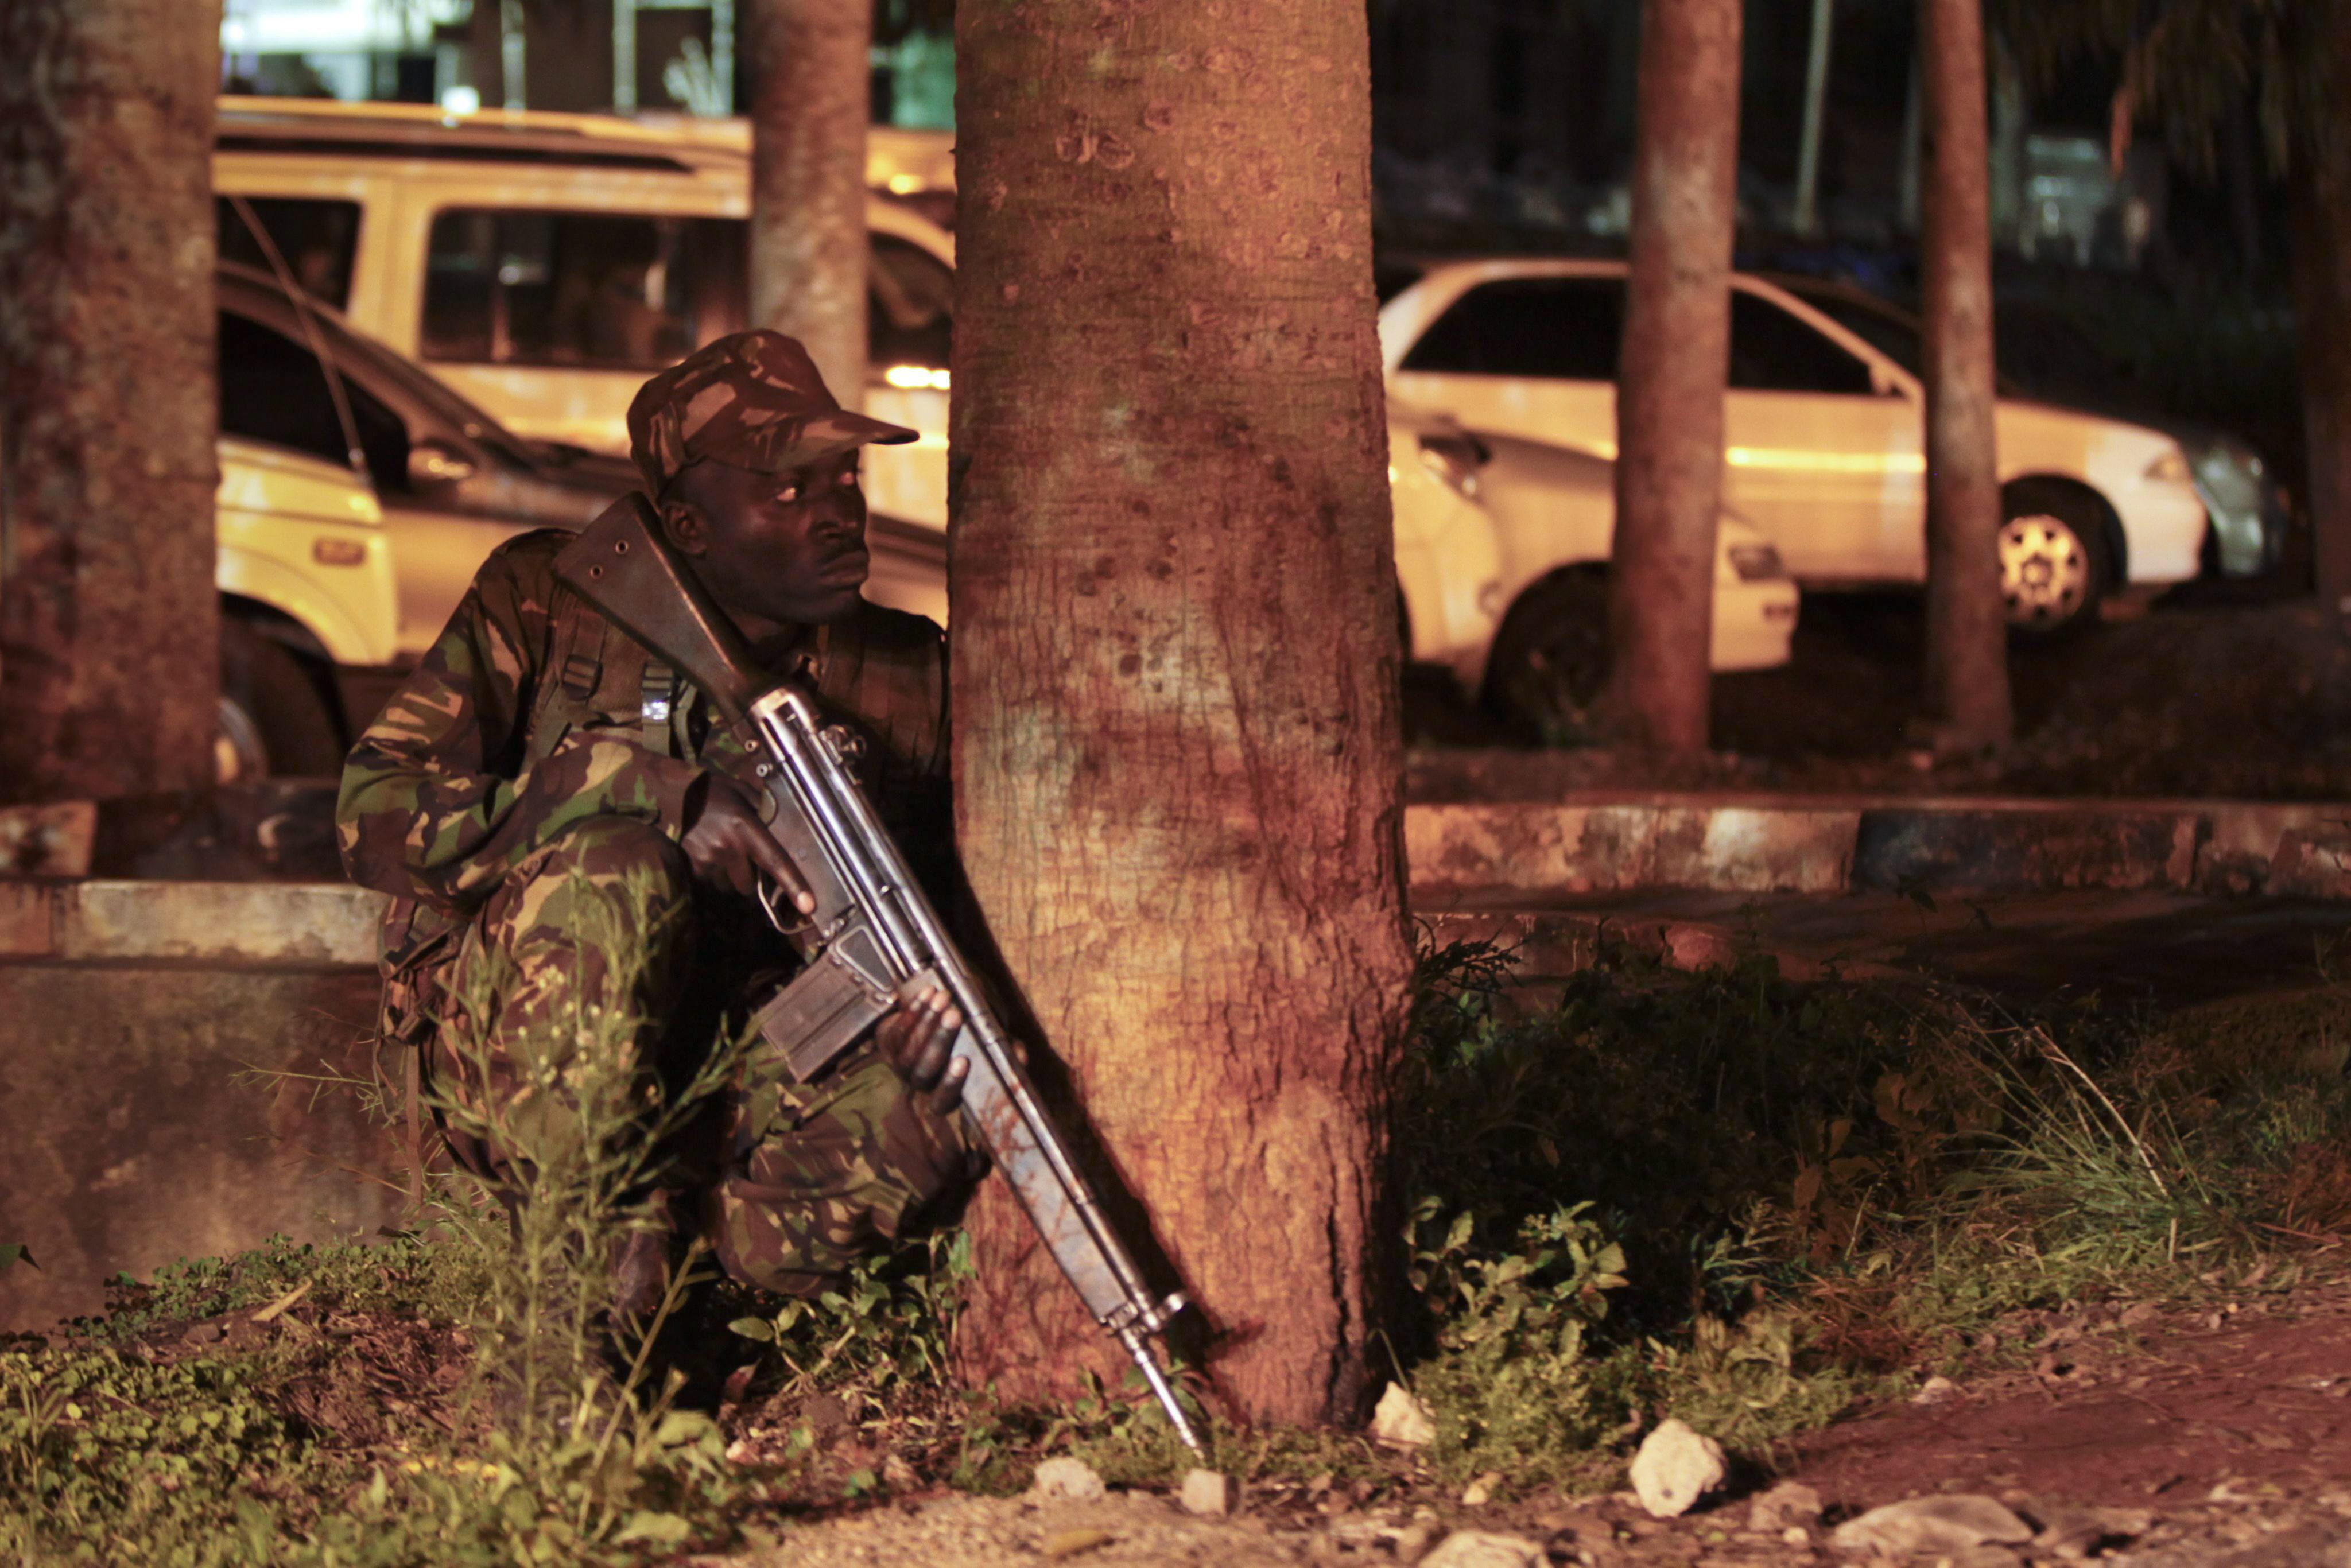 Un miembro de Al Shabab muere tras recibir disparos en el asalto de Nairobi